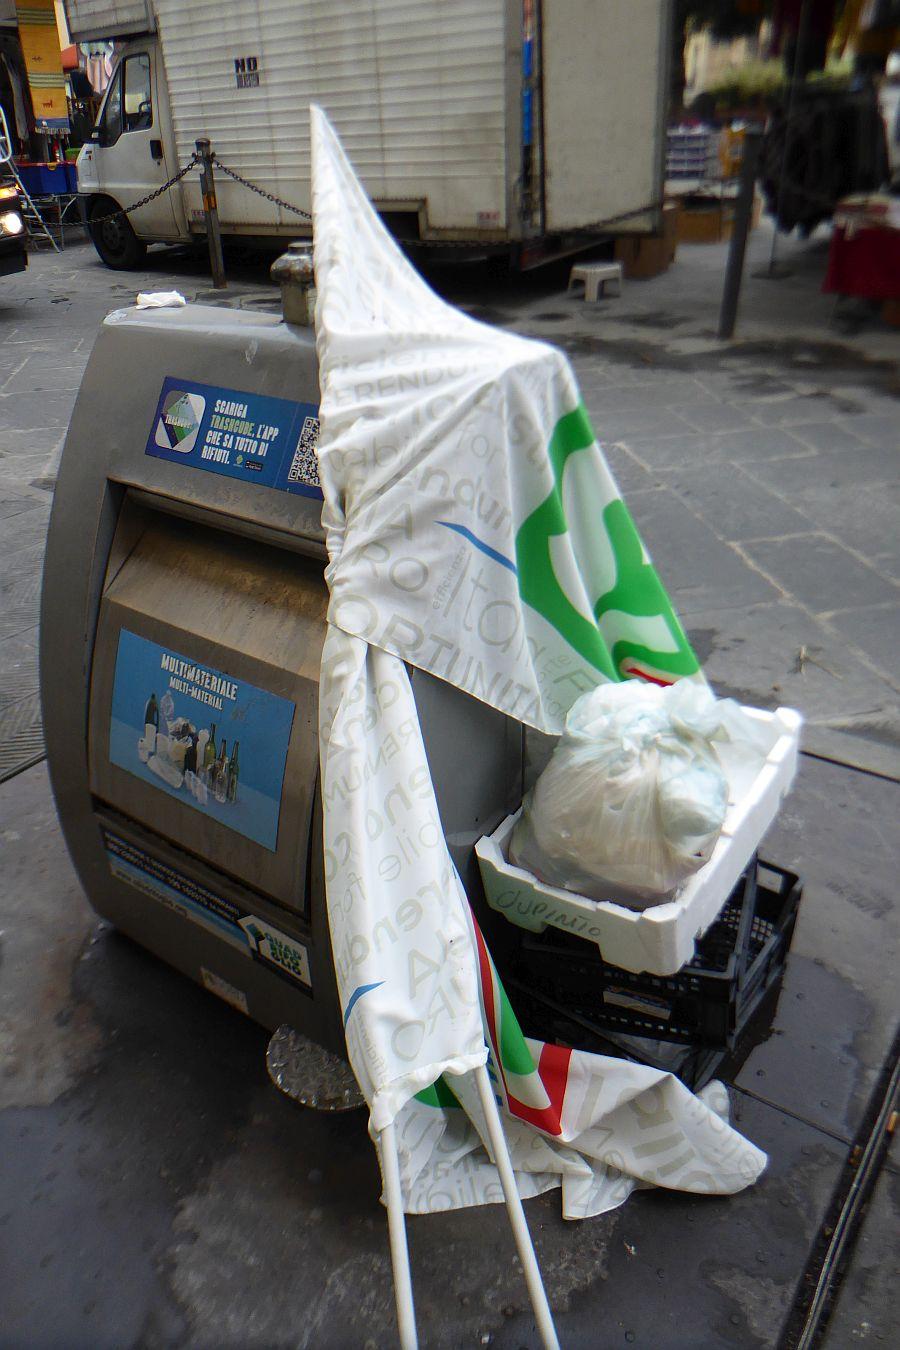 16-12-09-pattumiera-referendum-small